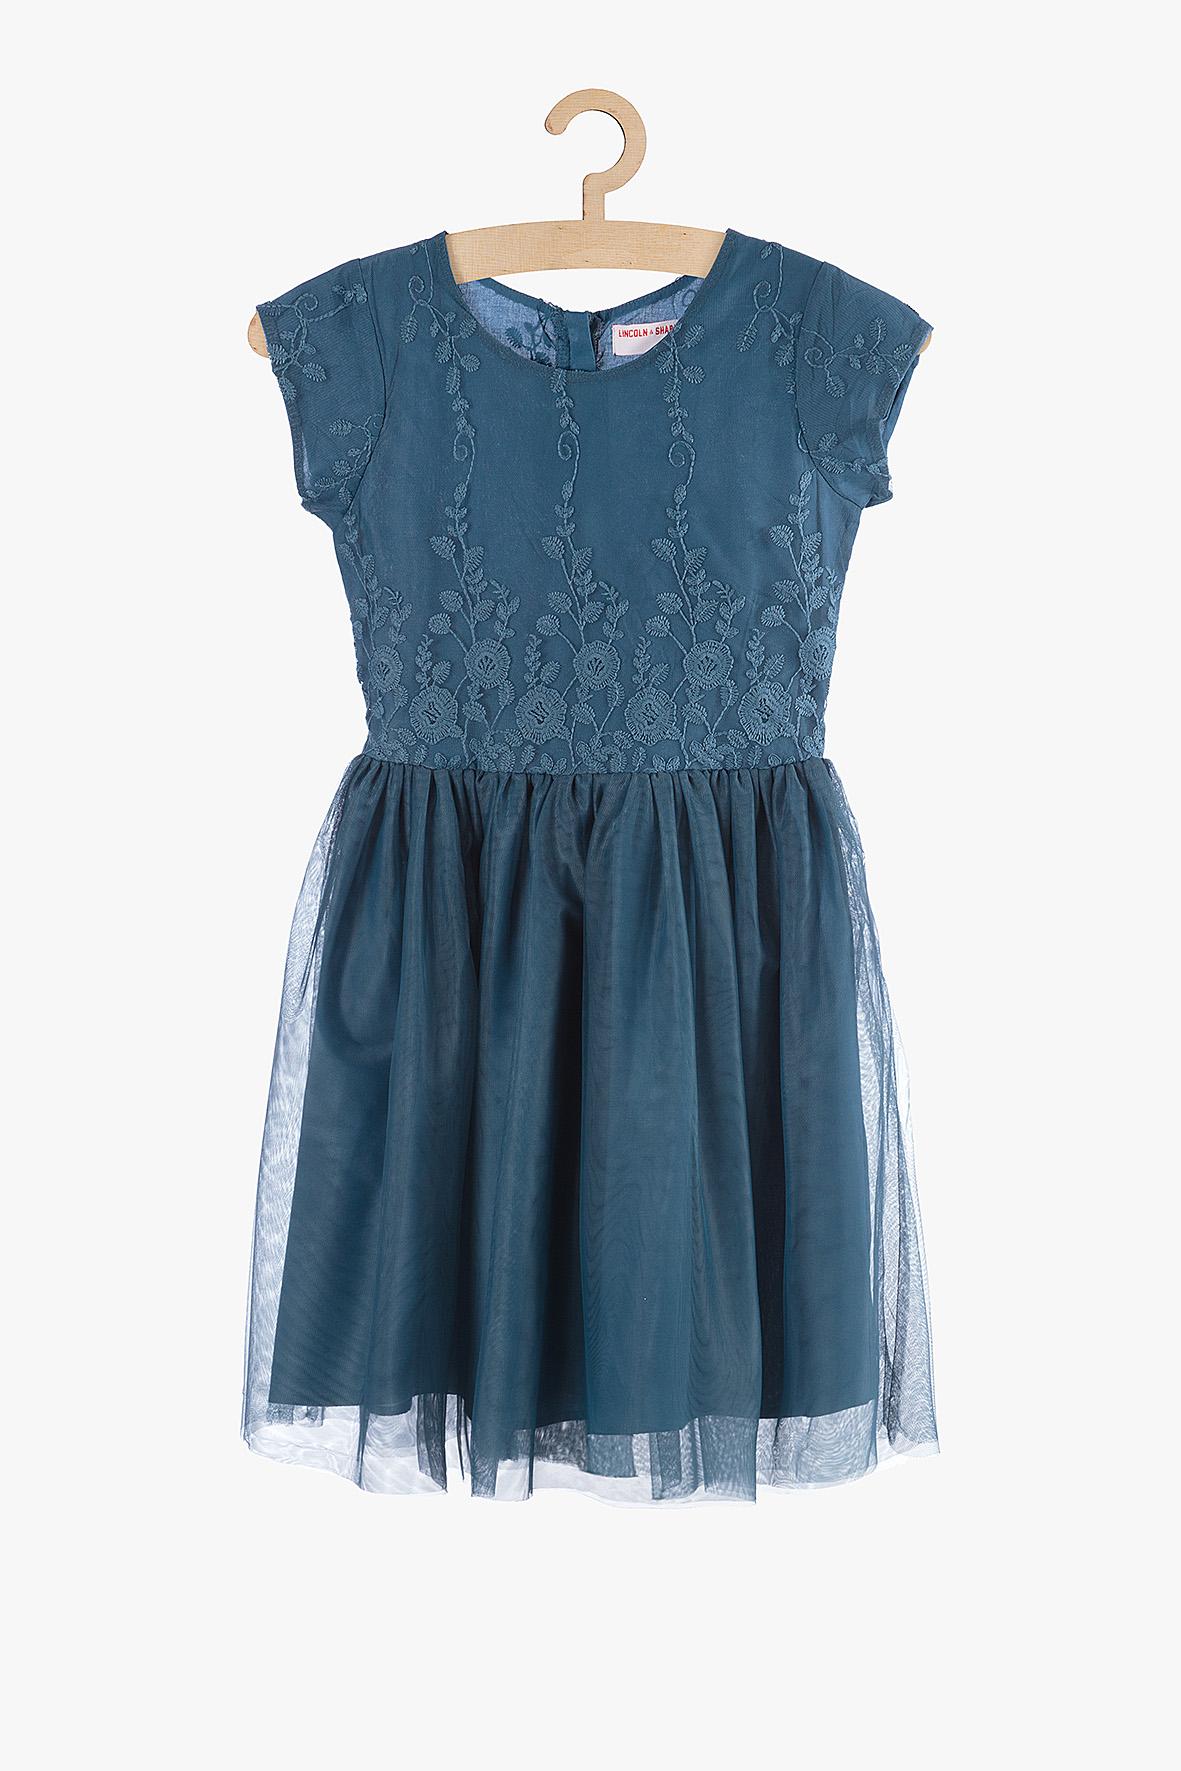 Sukienka dziewczęca niebieska 4K3803